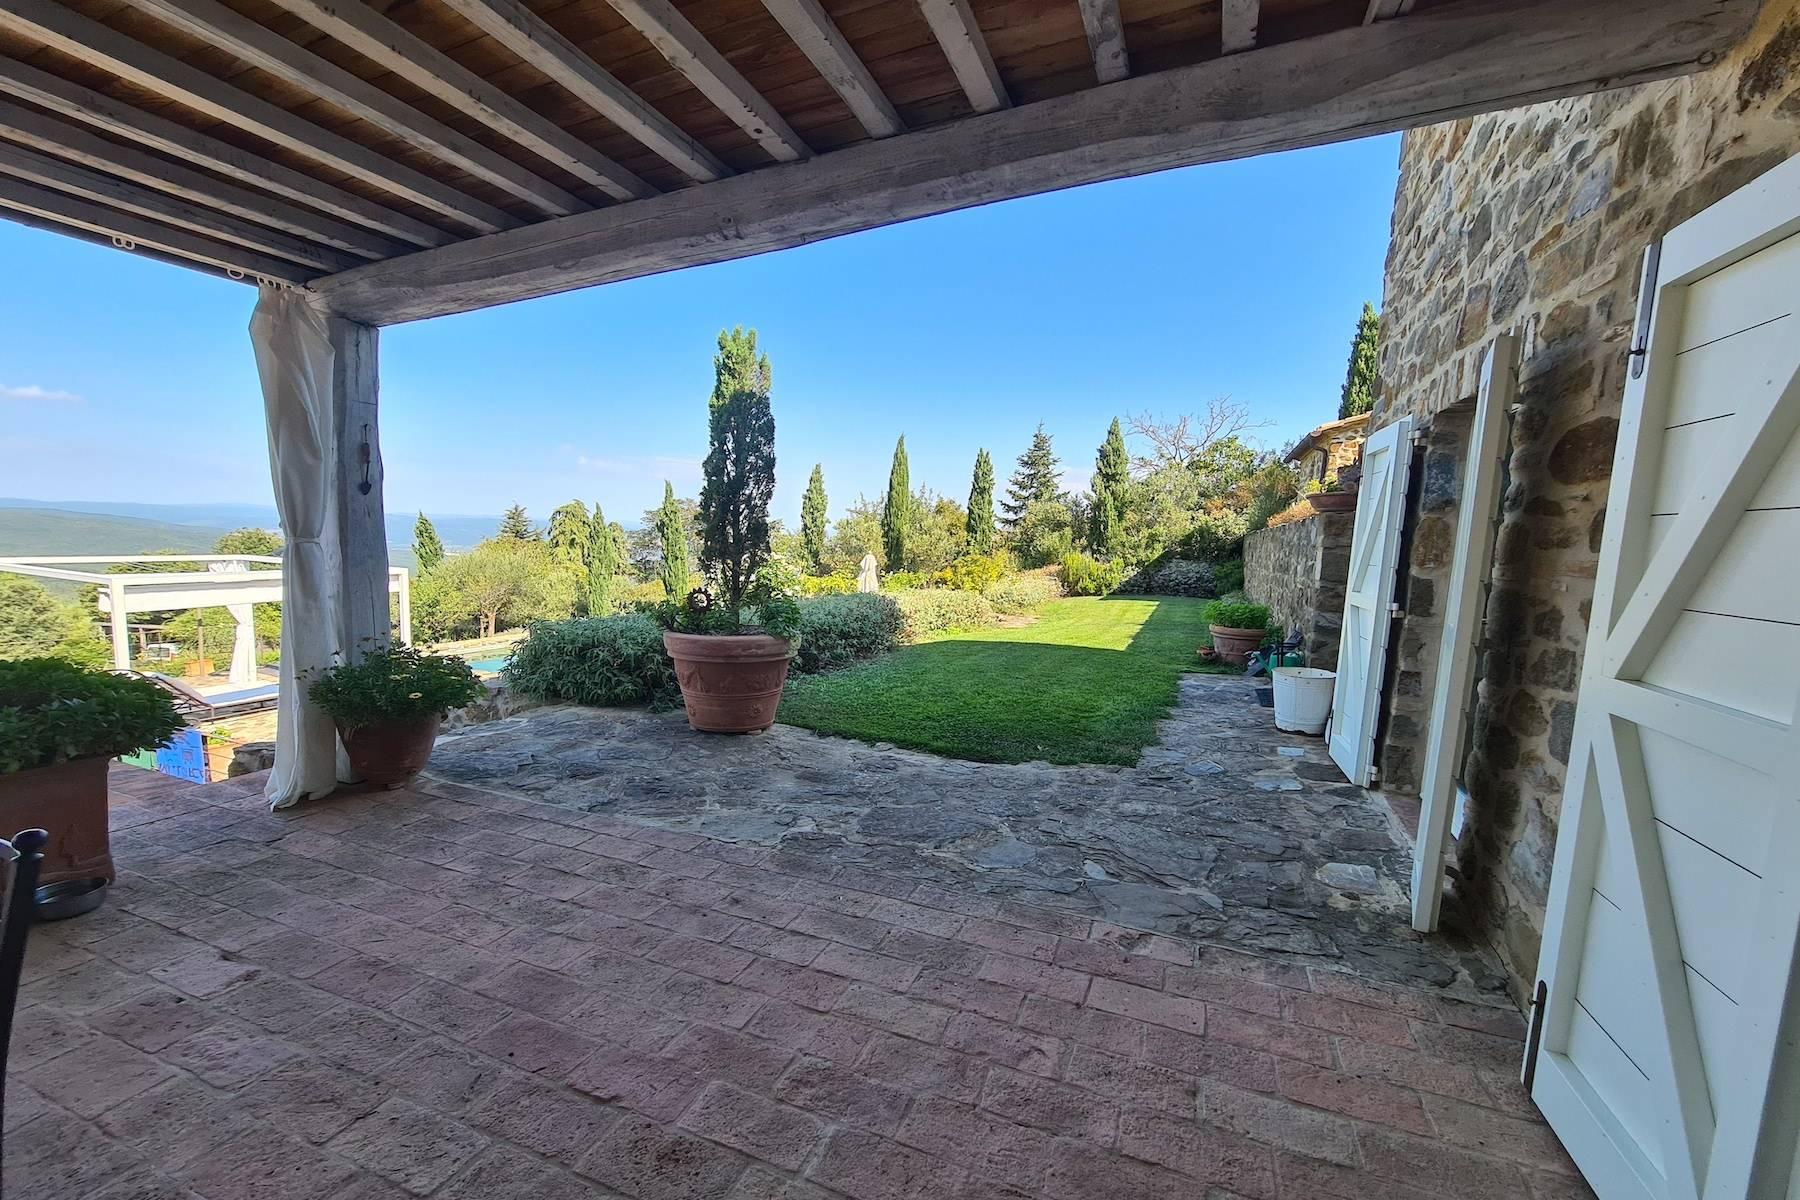 Rustico in Vendita a Montalcino: 5 locali, 300 mq - Foto 25